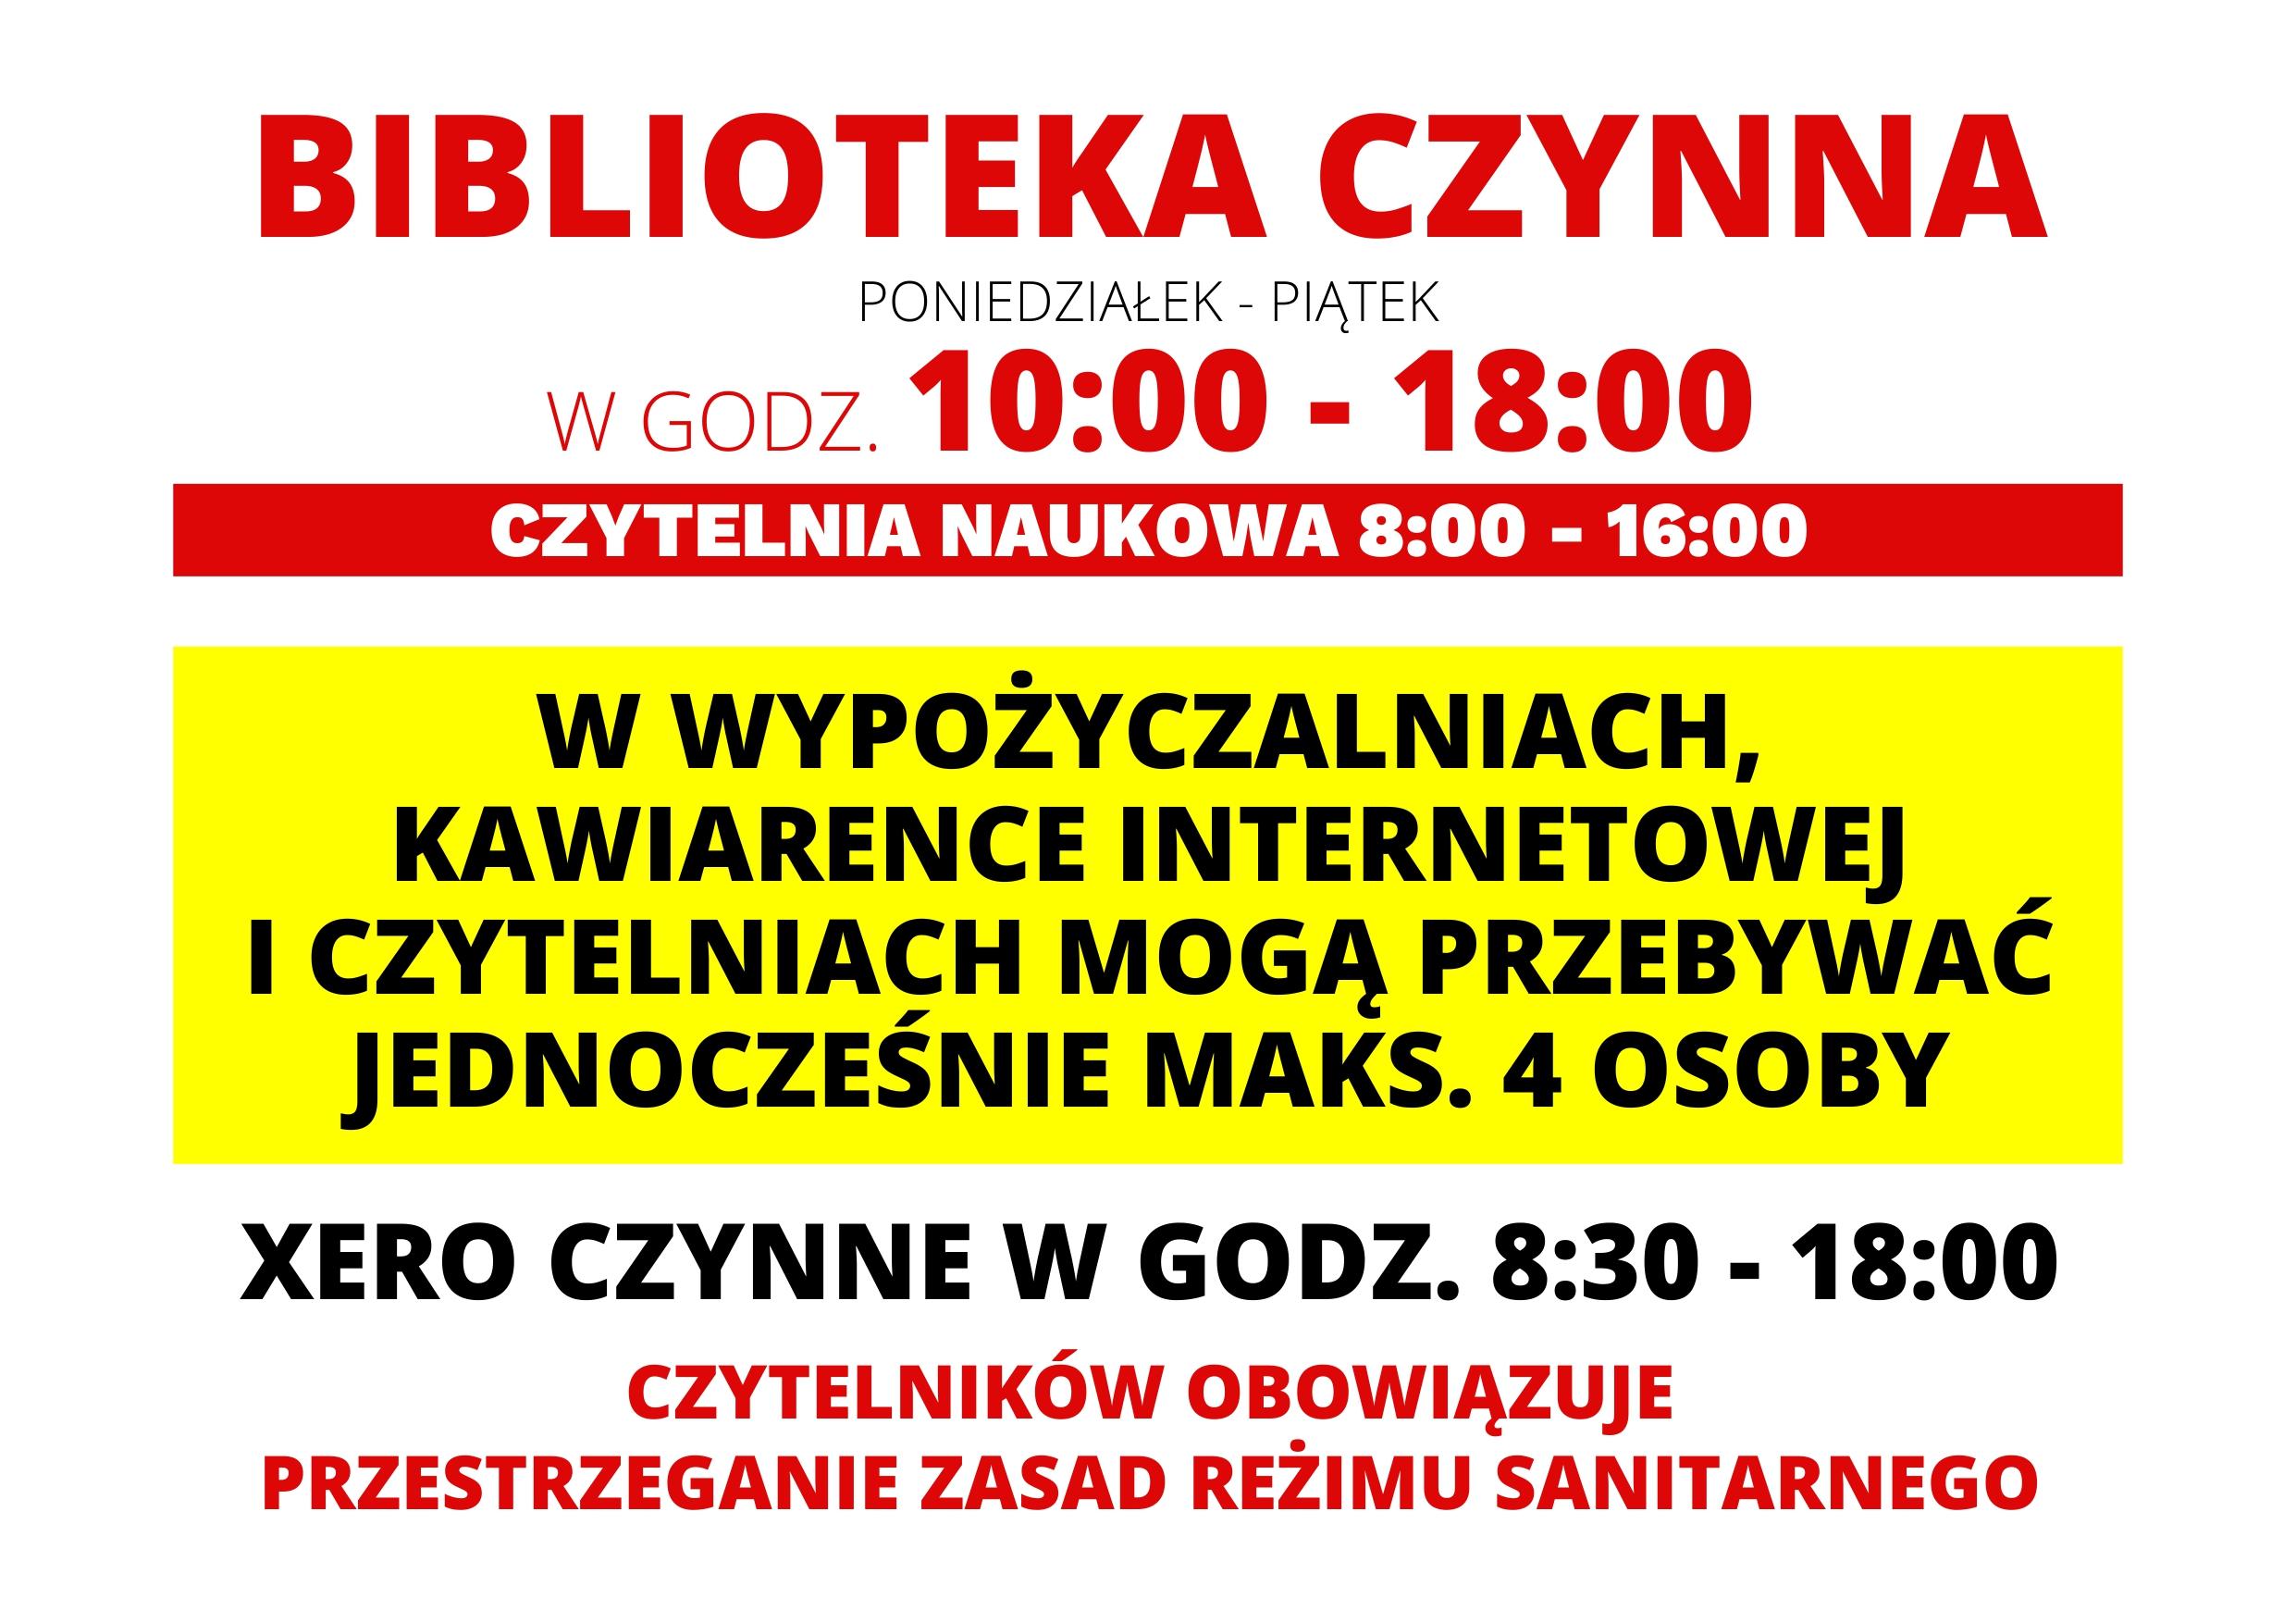 biblioteka czynna poniedziałek - piątek w godzinach 10:00 - 18:00 (czytelnia naukowa 8:00 - 16:00). w wypożyczalniach,  kawiarence internetowej i czytelniach mogą przebywać jednocześnie maks. 4 osoby. xero czynne w godz. 8:30 - 18:00. Czytelników obowiązuje  przestrzeganie zasad reżimu sanitarnego.